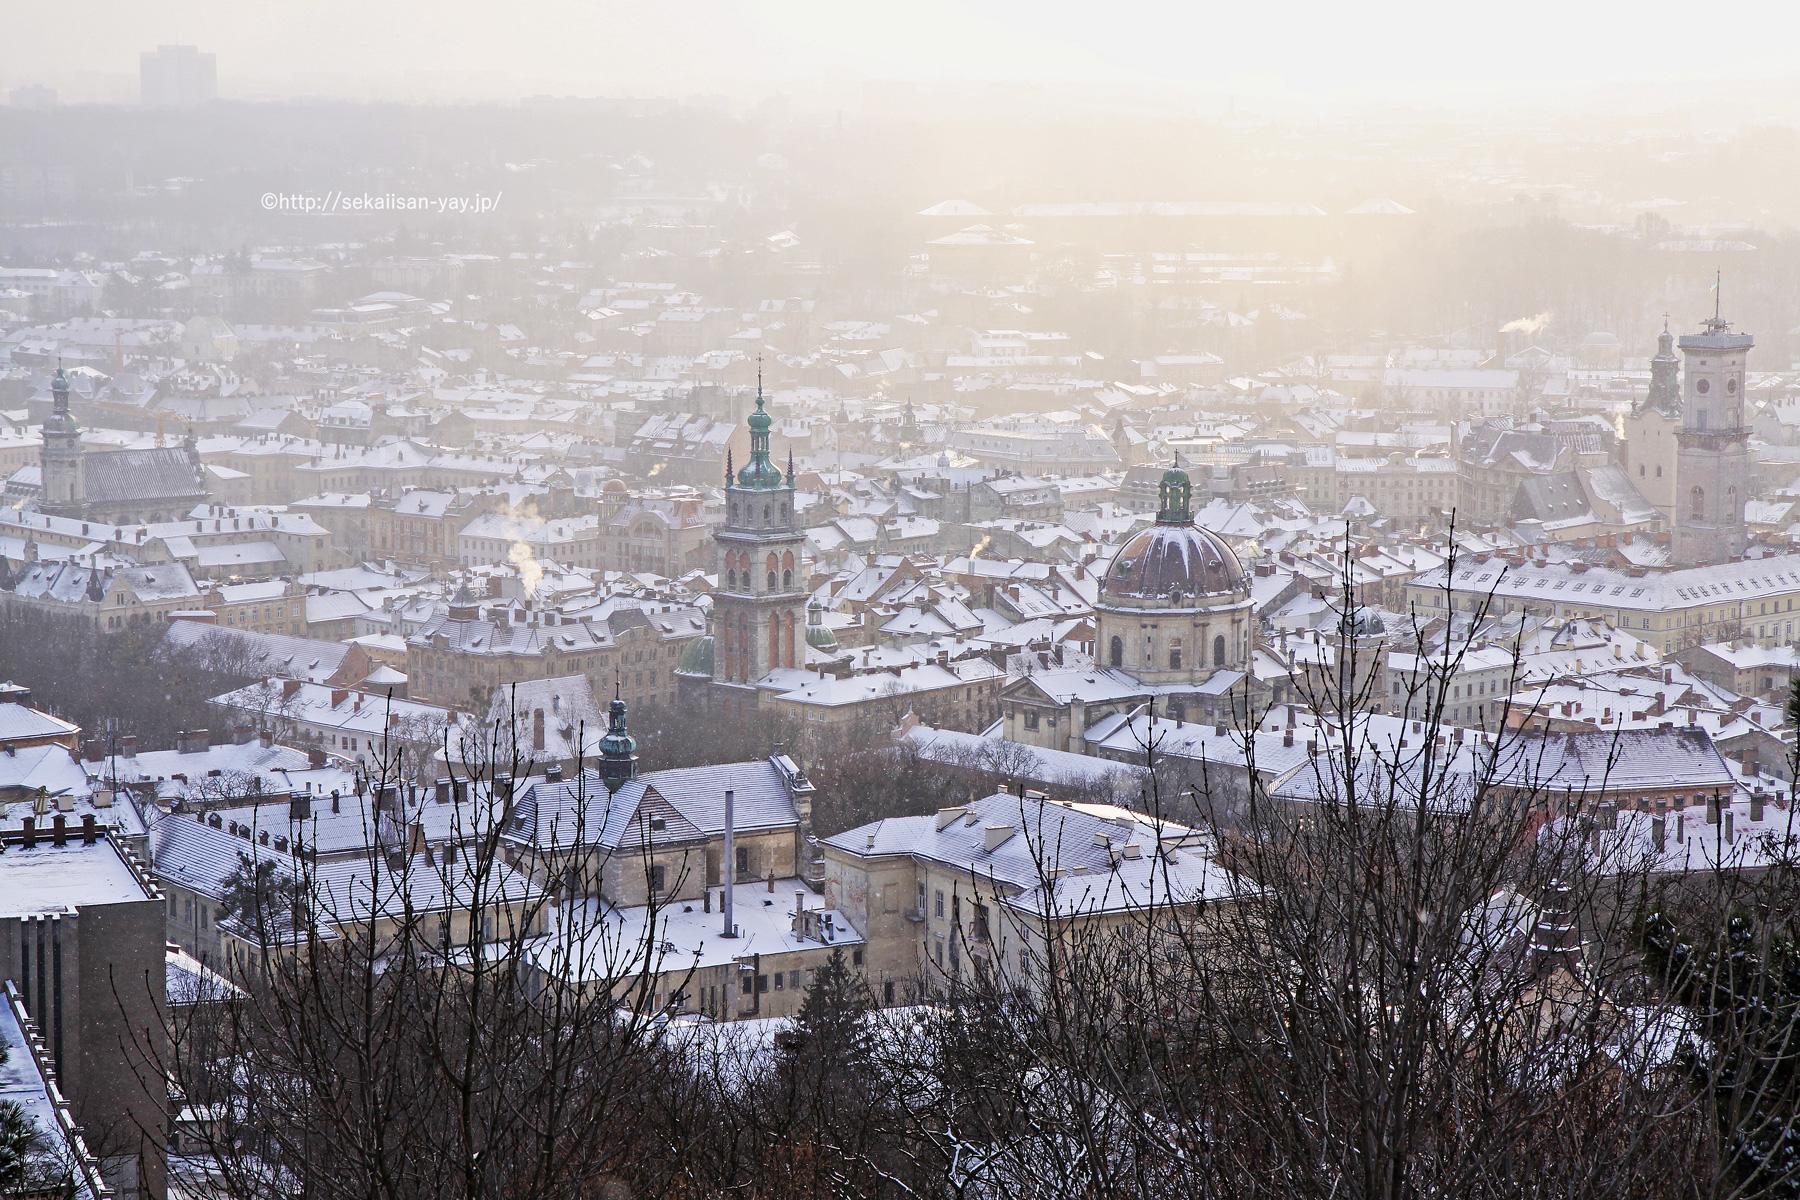 ウクライナ世界遺産「キエフ:聖ソフィア大聖堂と関連する修道院建築物群、キエフ-ペチェールスカヤ大修道院」